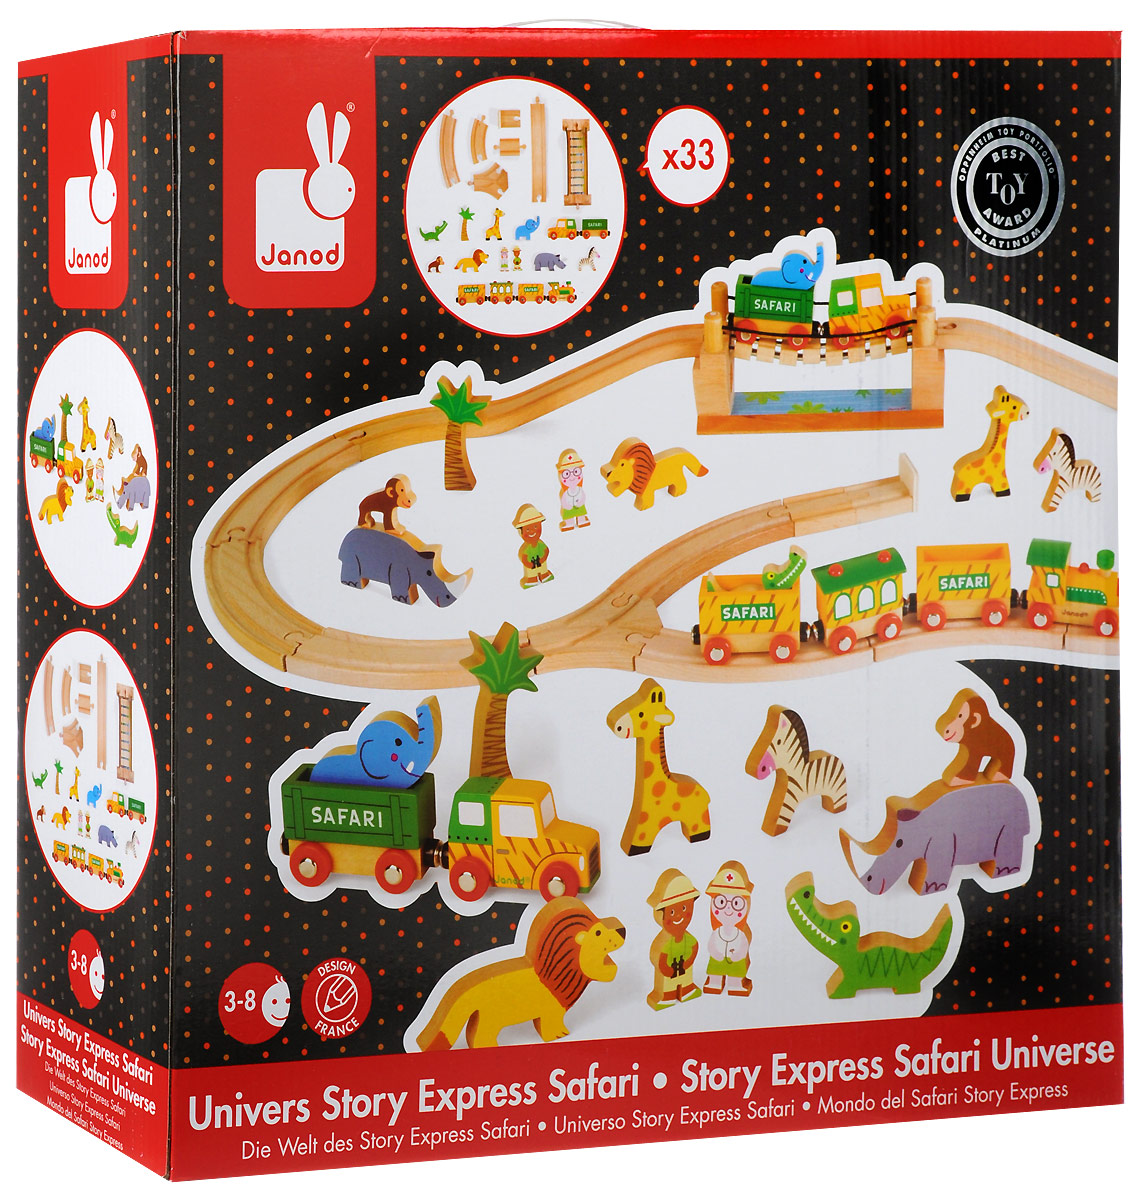 Janod Набор игровой Сафари 12 игрушек поезд 17 элементов ж/д полотна